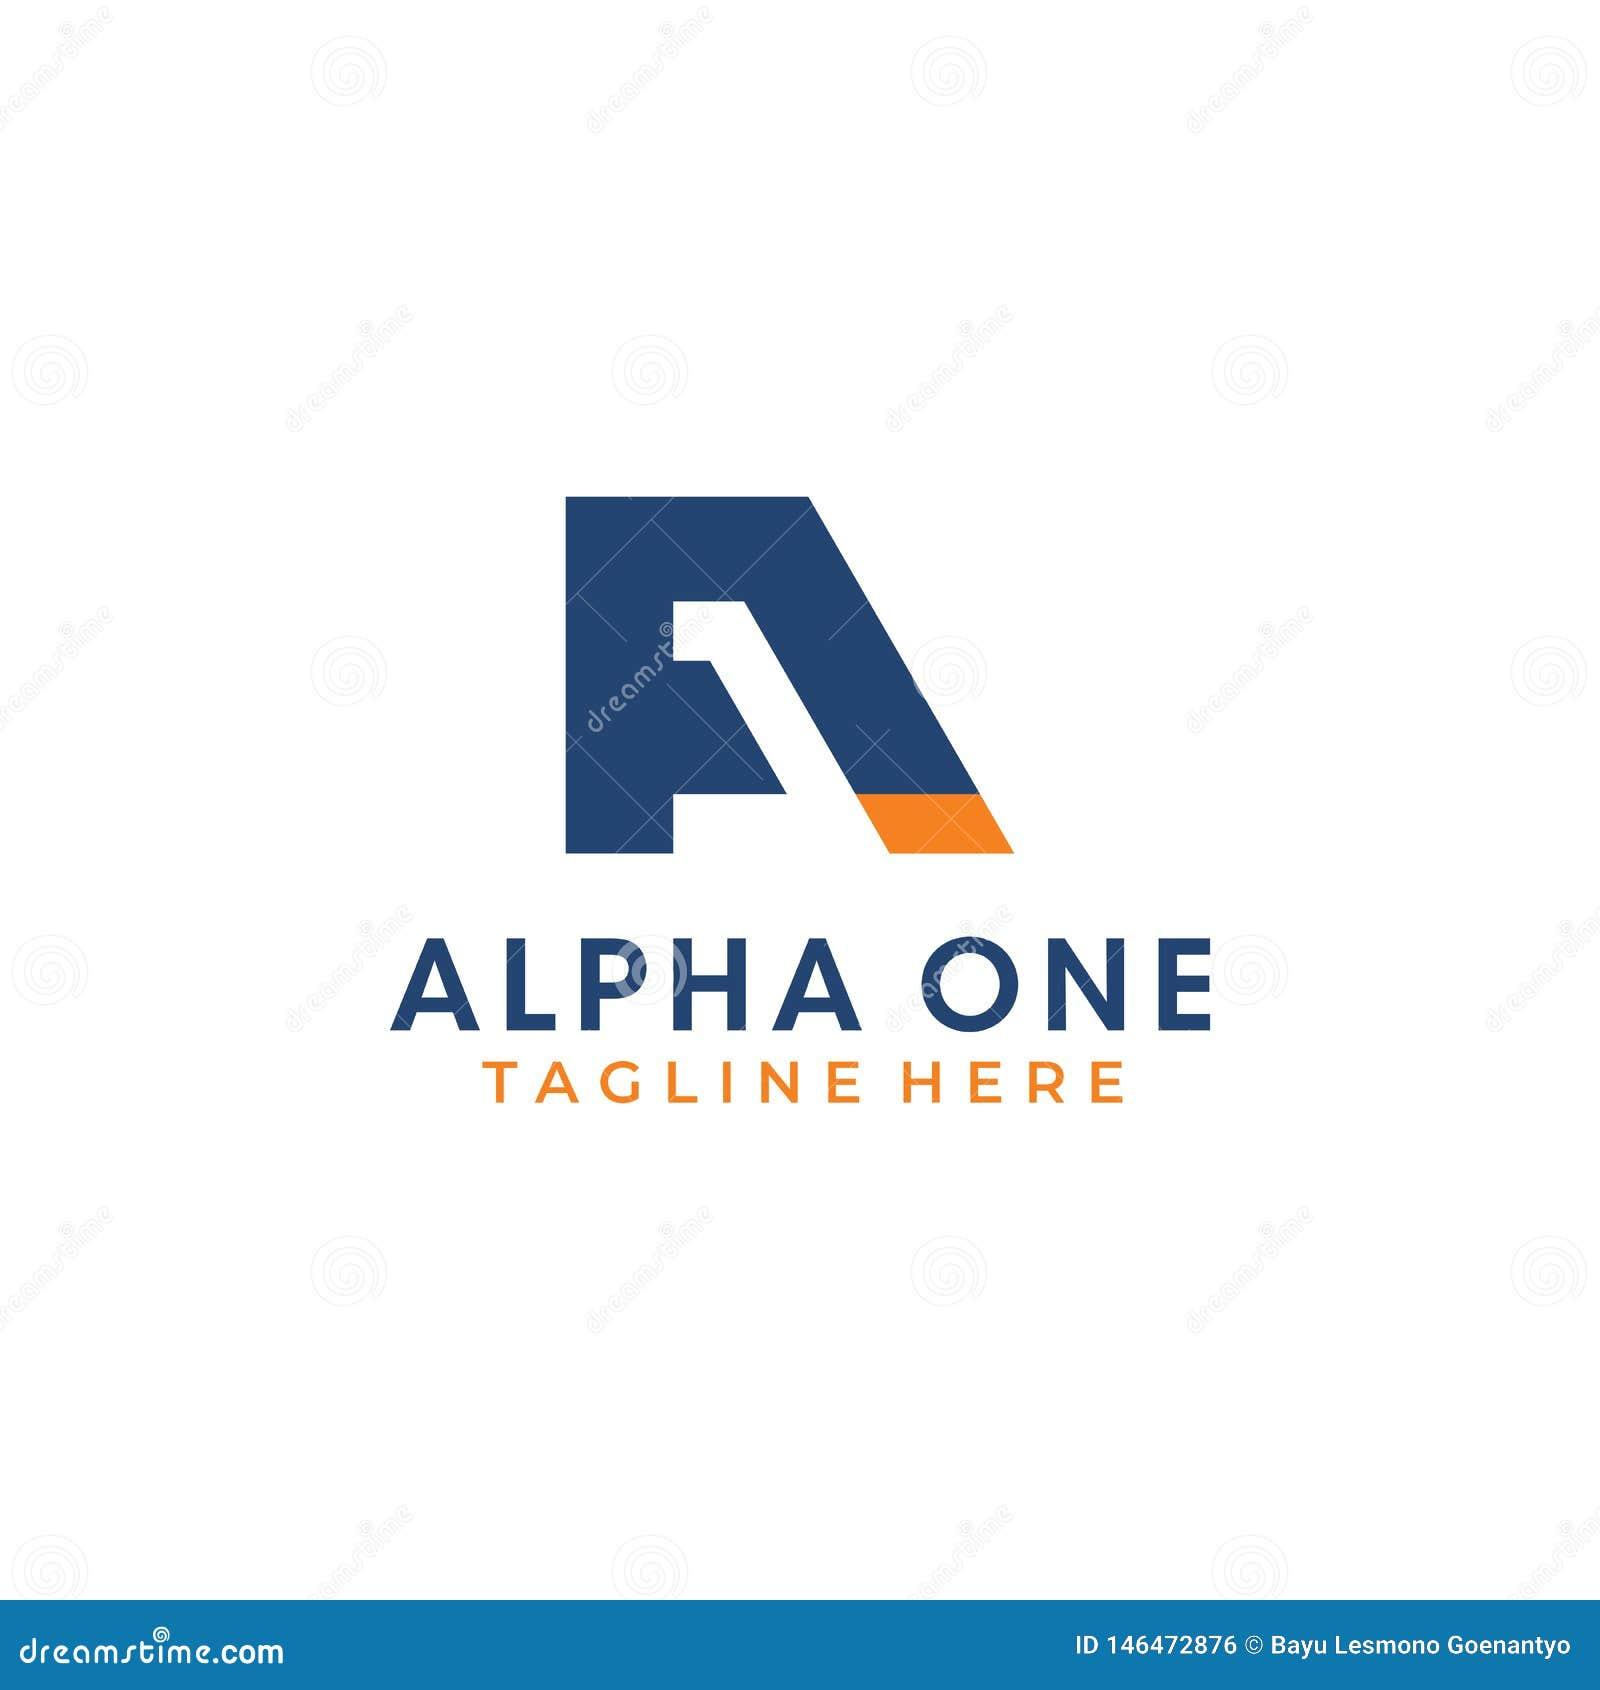 Επιστολή Α-1 άλφα